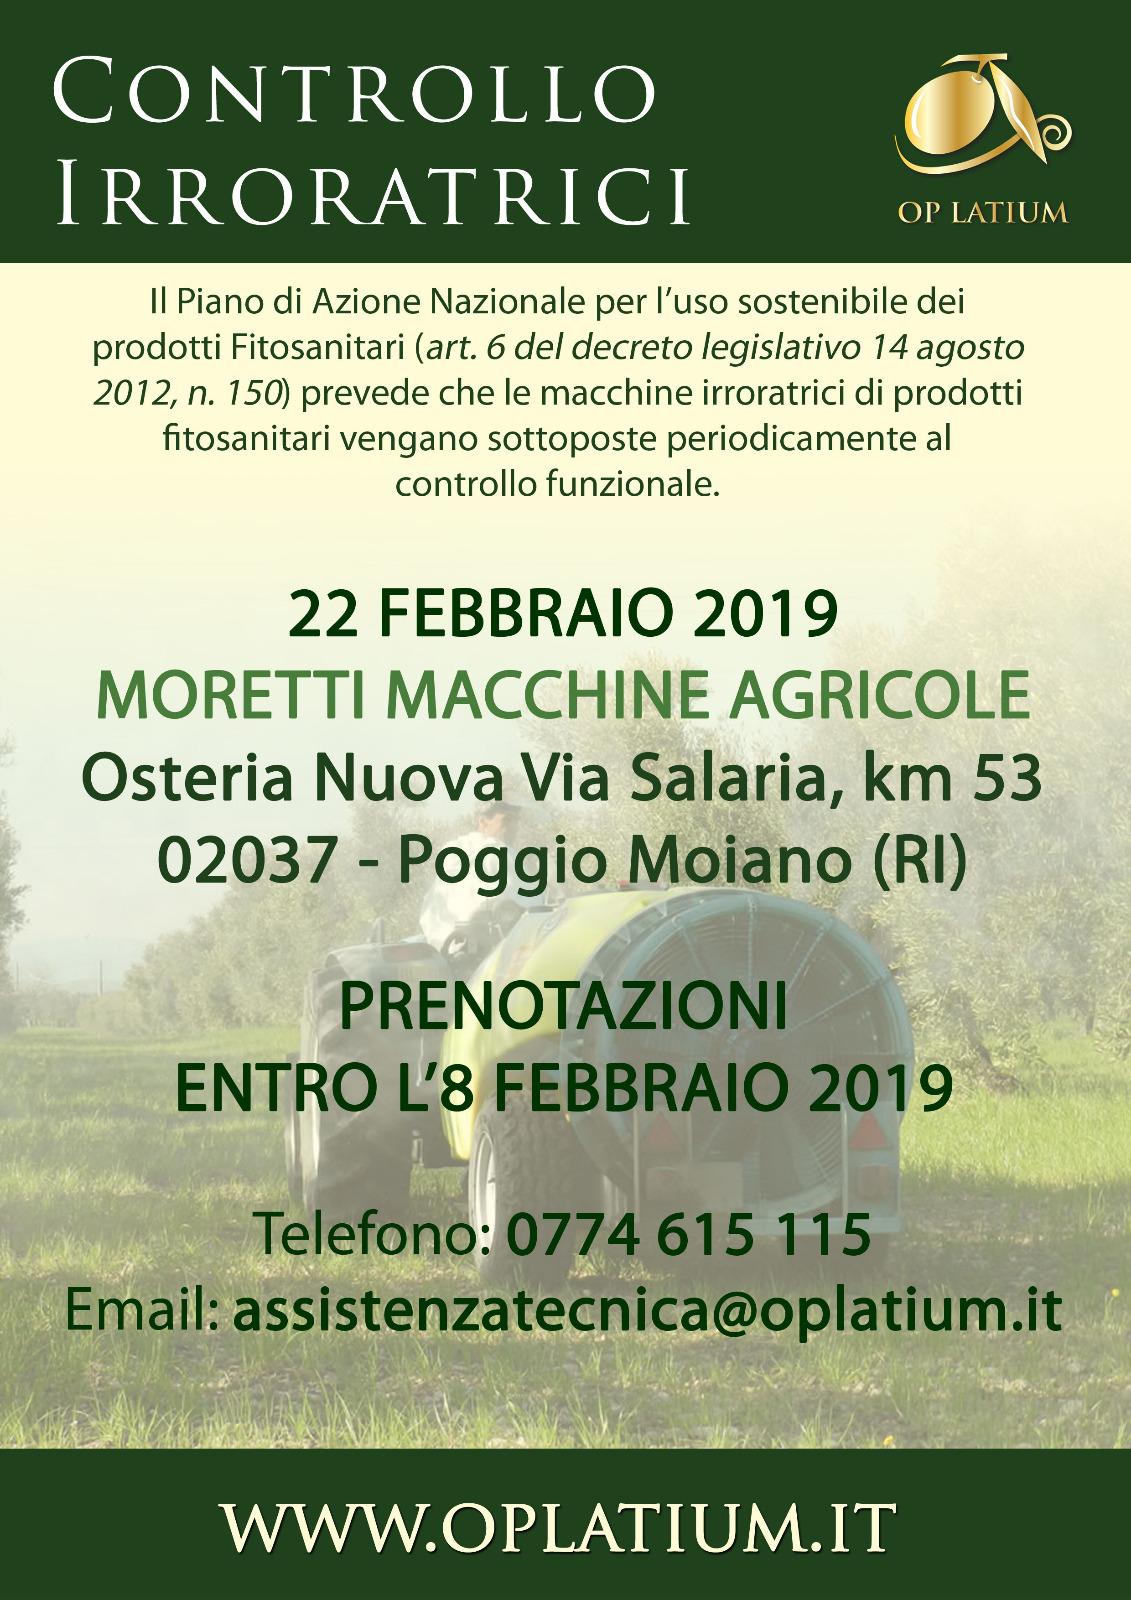 Osteria Nuova (RI) 22 febbraio 2019: giornata di controllo funzionale delle attrezzature irroratrici di prodotti fitosanitari